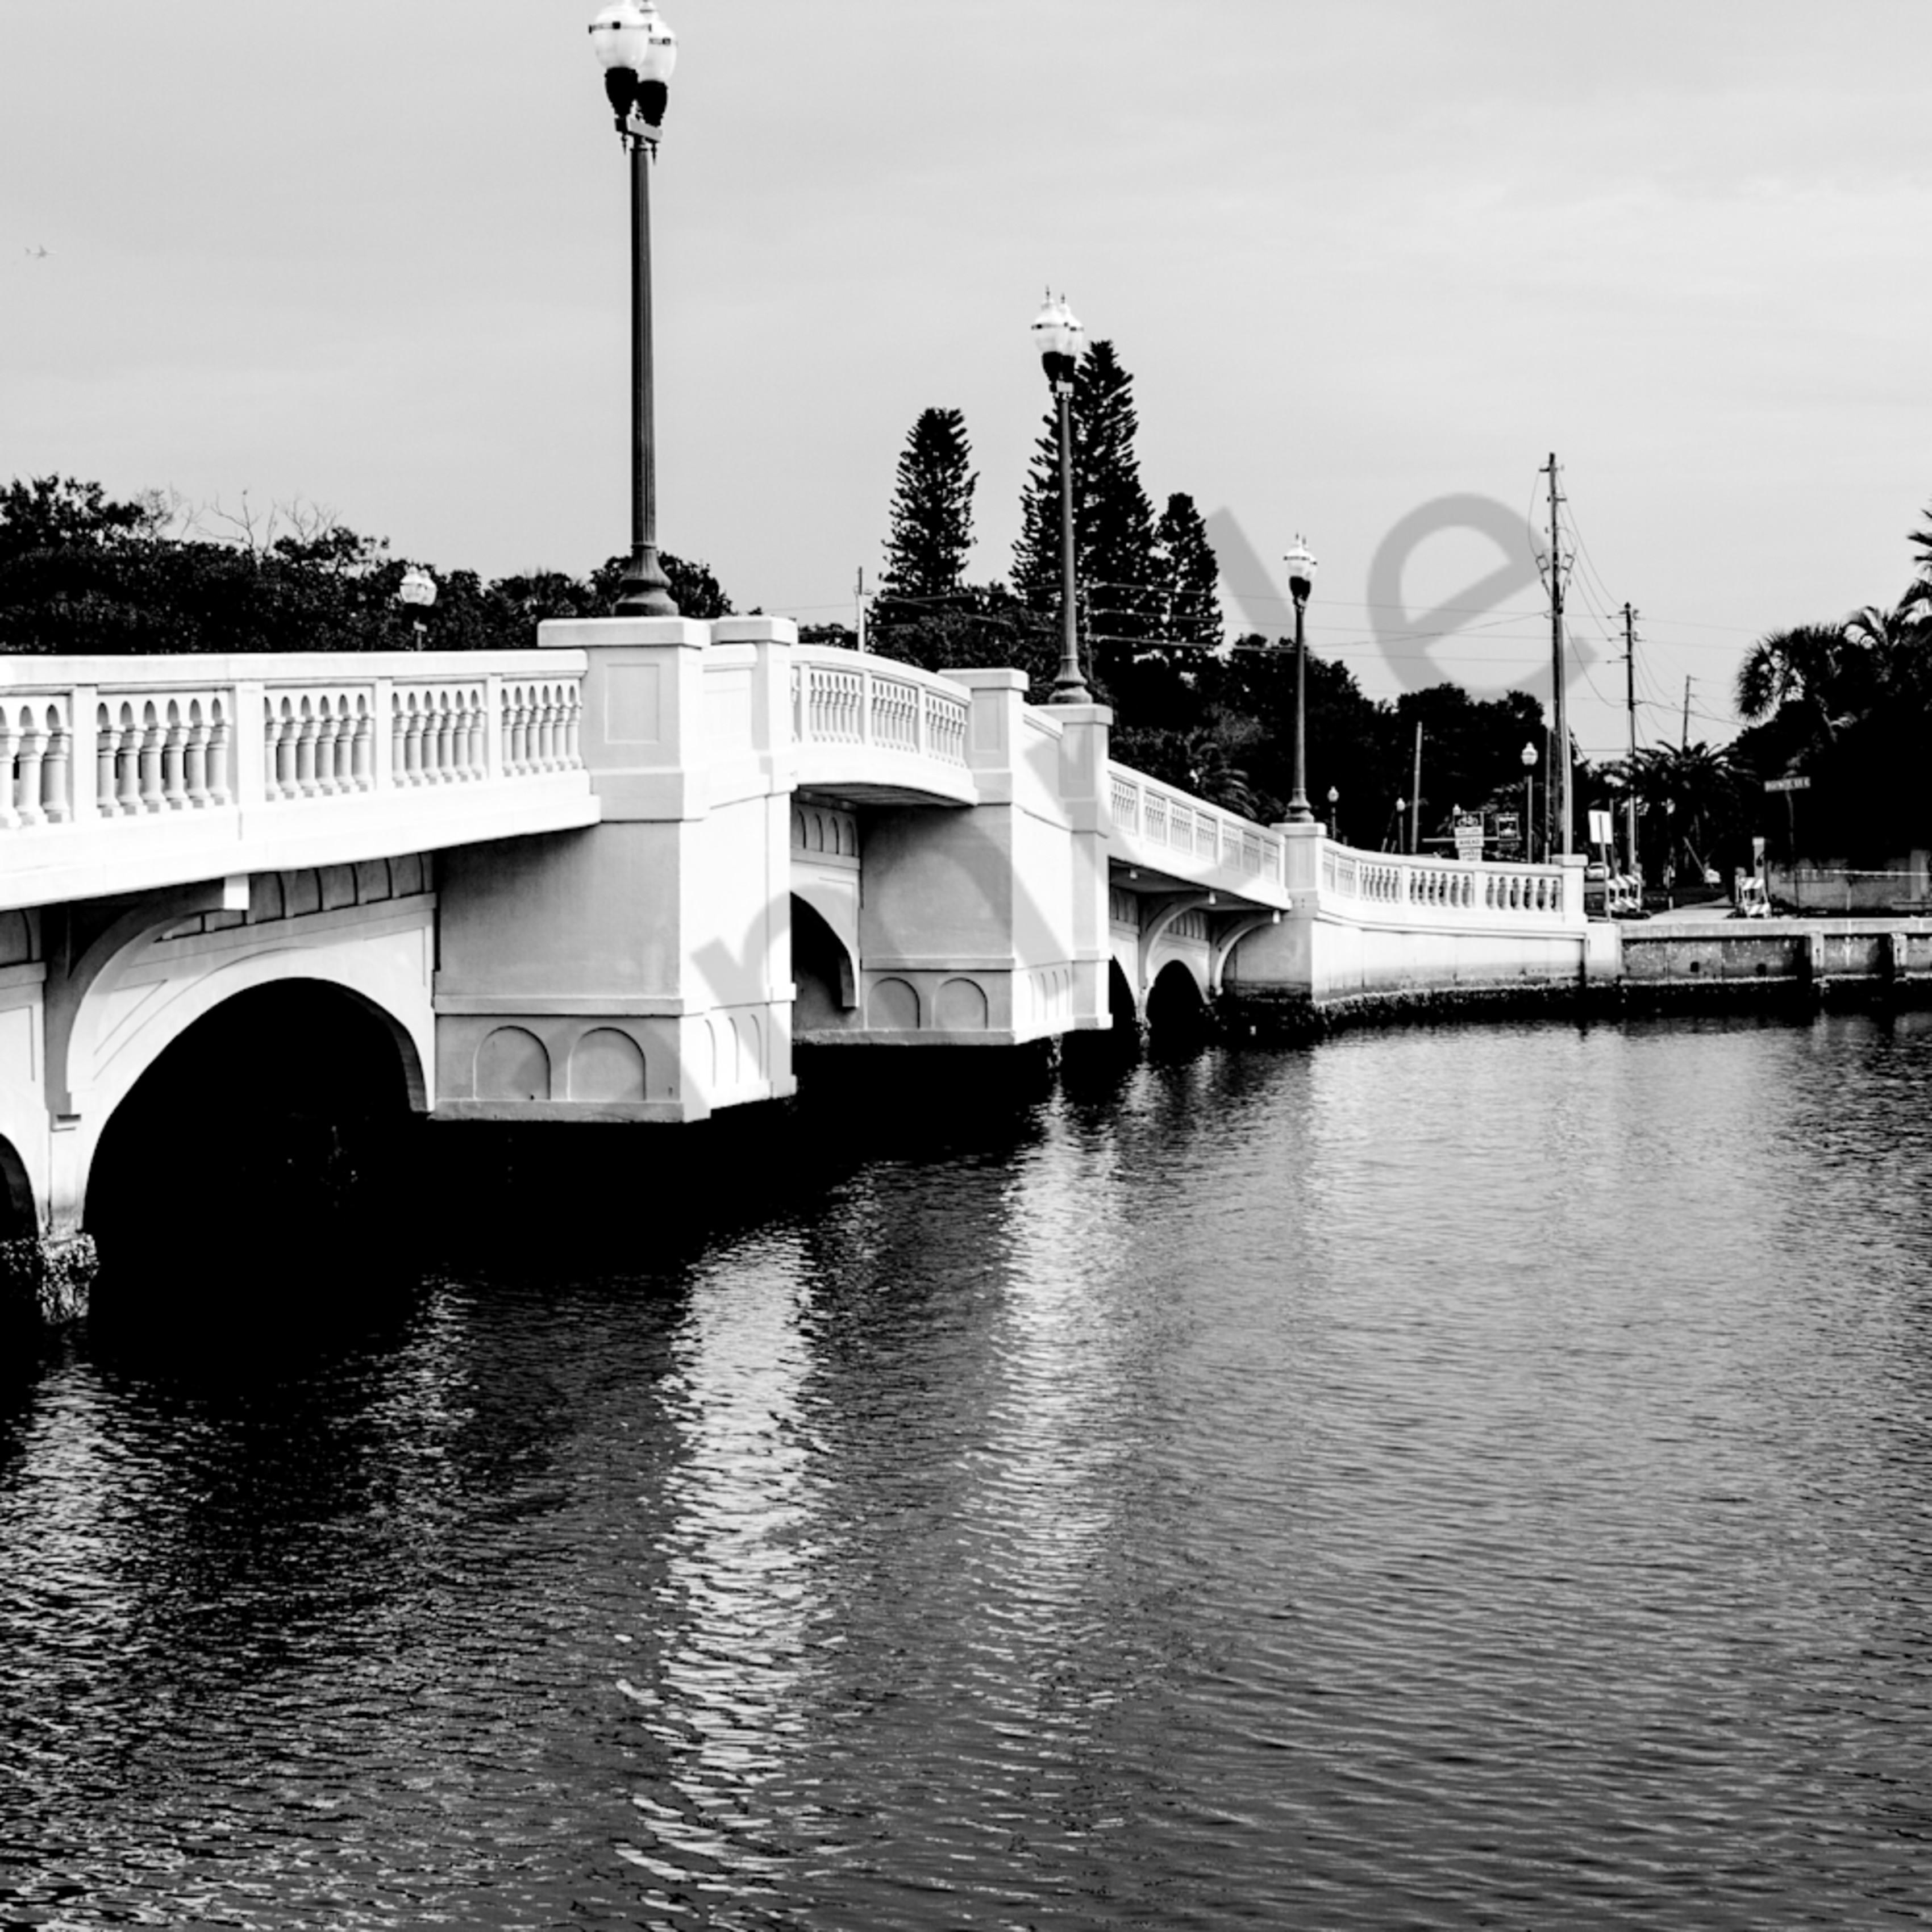 Bridge larrain mpee8b